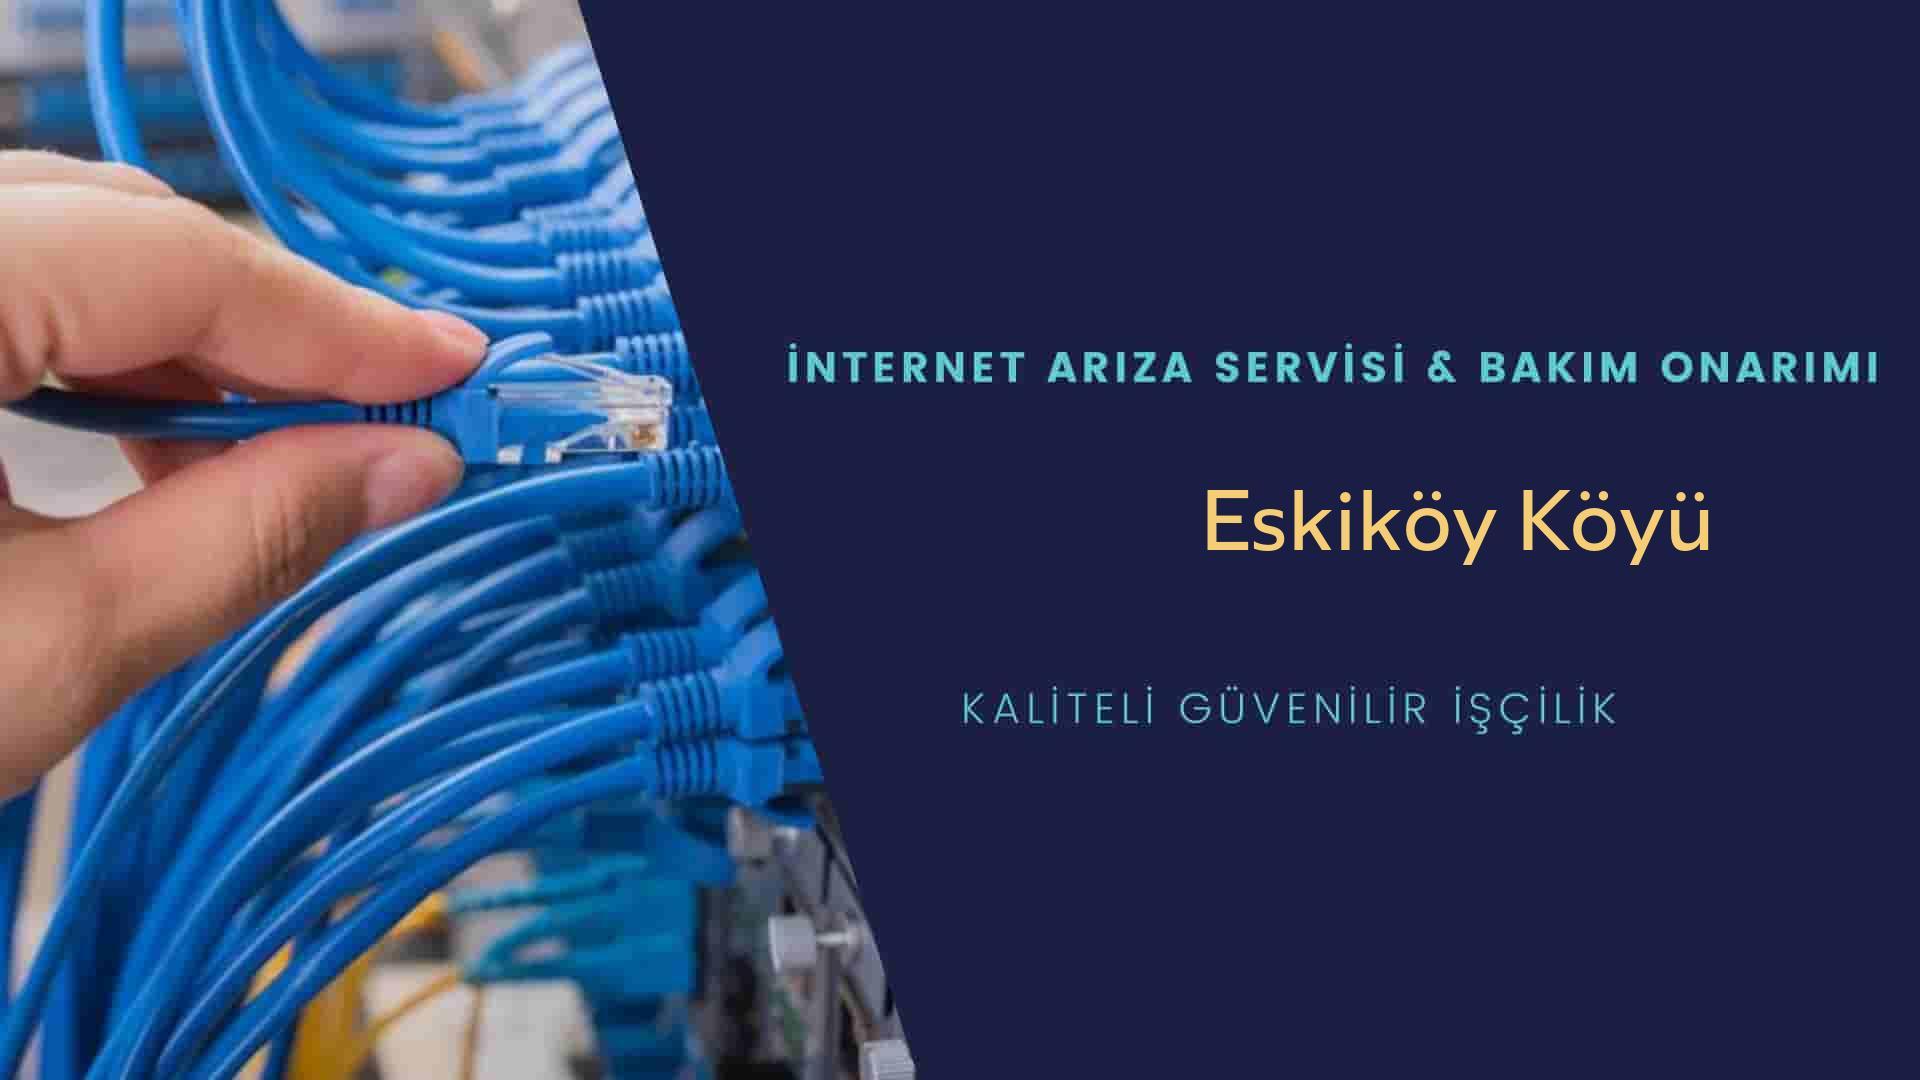 Eskiköy Köyü internet kablosu çekimi yapan yerler veya elektrikçiler mi? arıyorsunuz doğru yerdesiniz o zaman sizlere 7/24 yardımcı olacak profesyonel ustalarımız bir telefon kadar yakındır size.